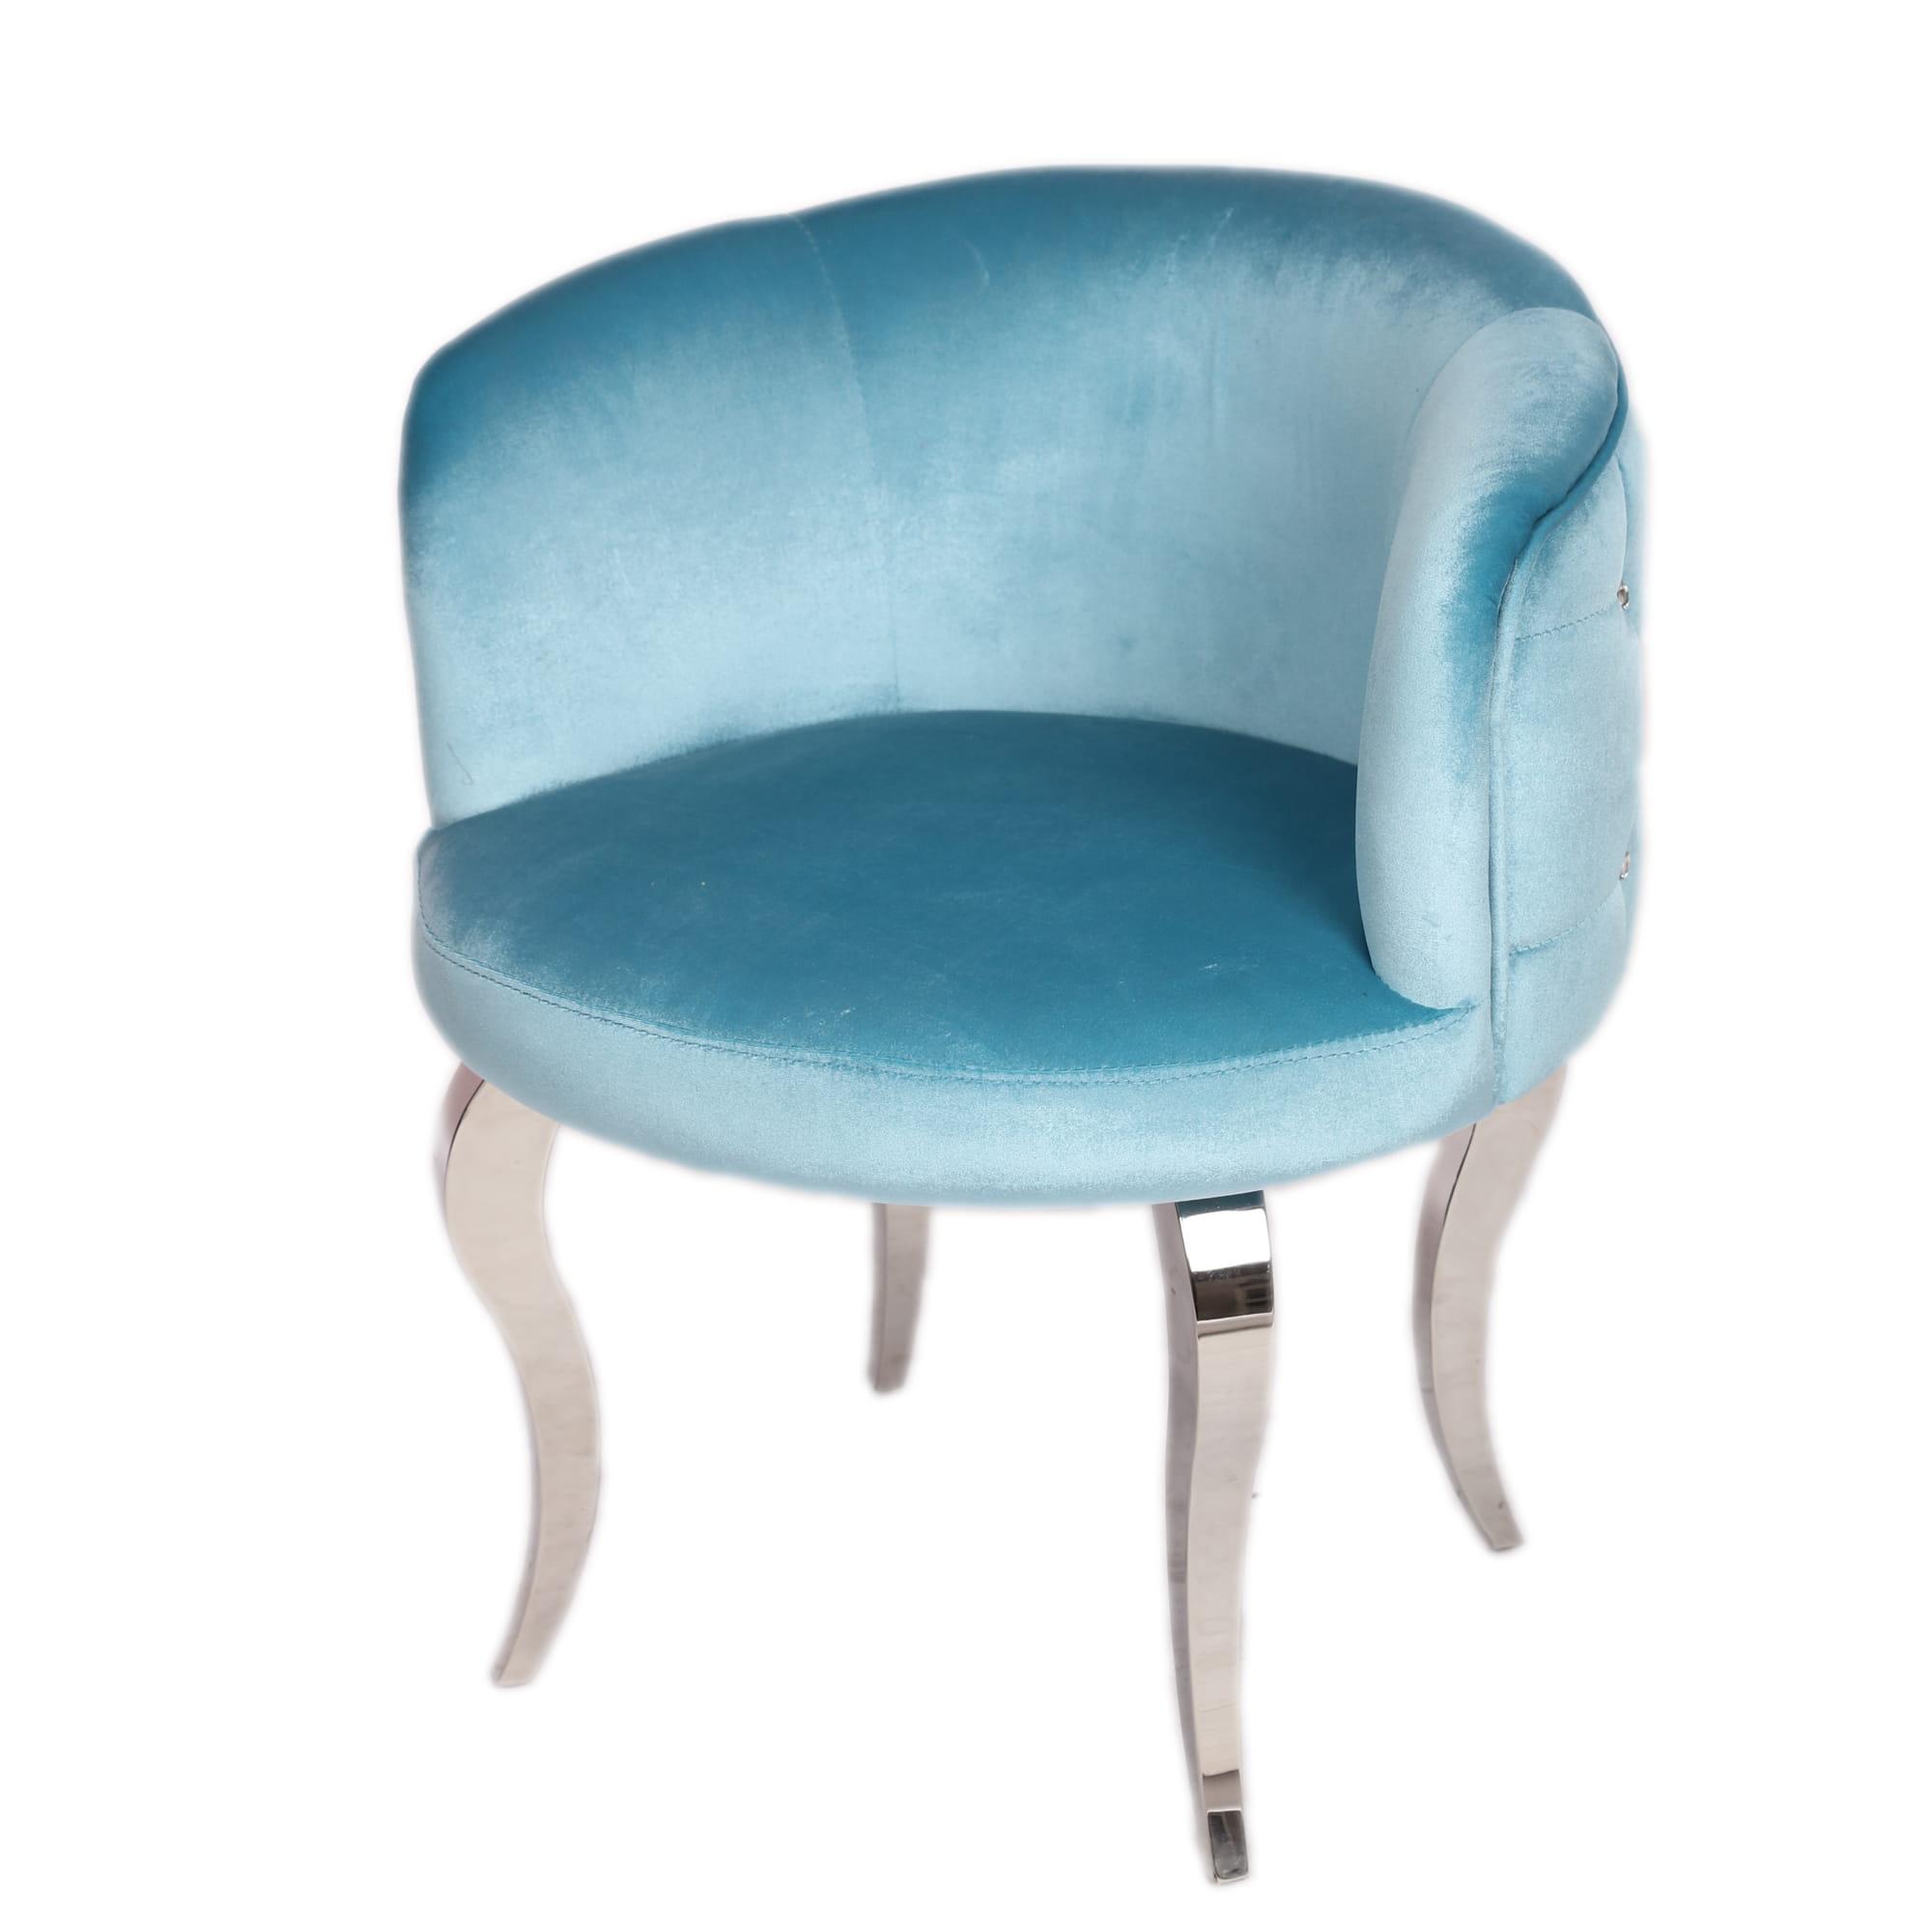 Fotel Okrągły Z Kryształkami Do Salonu Welurowy Niebieski Glamour